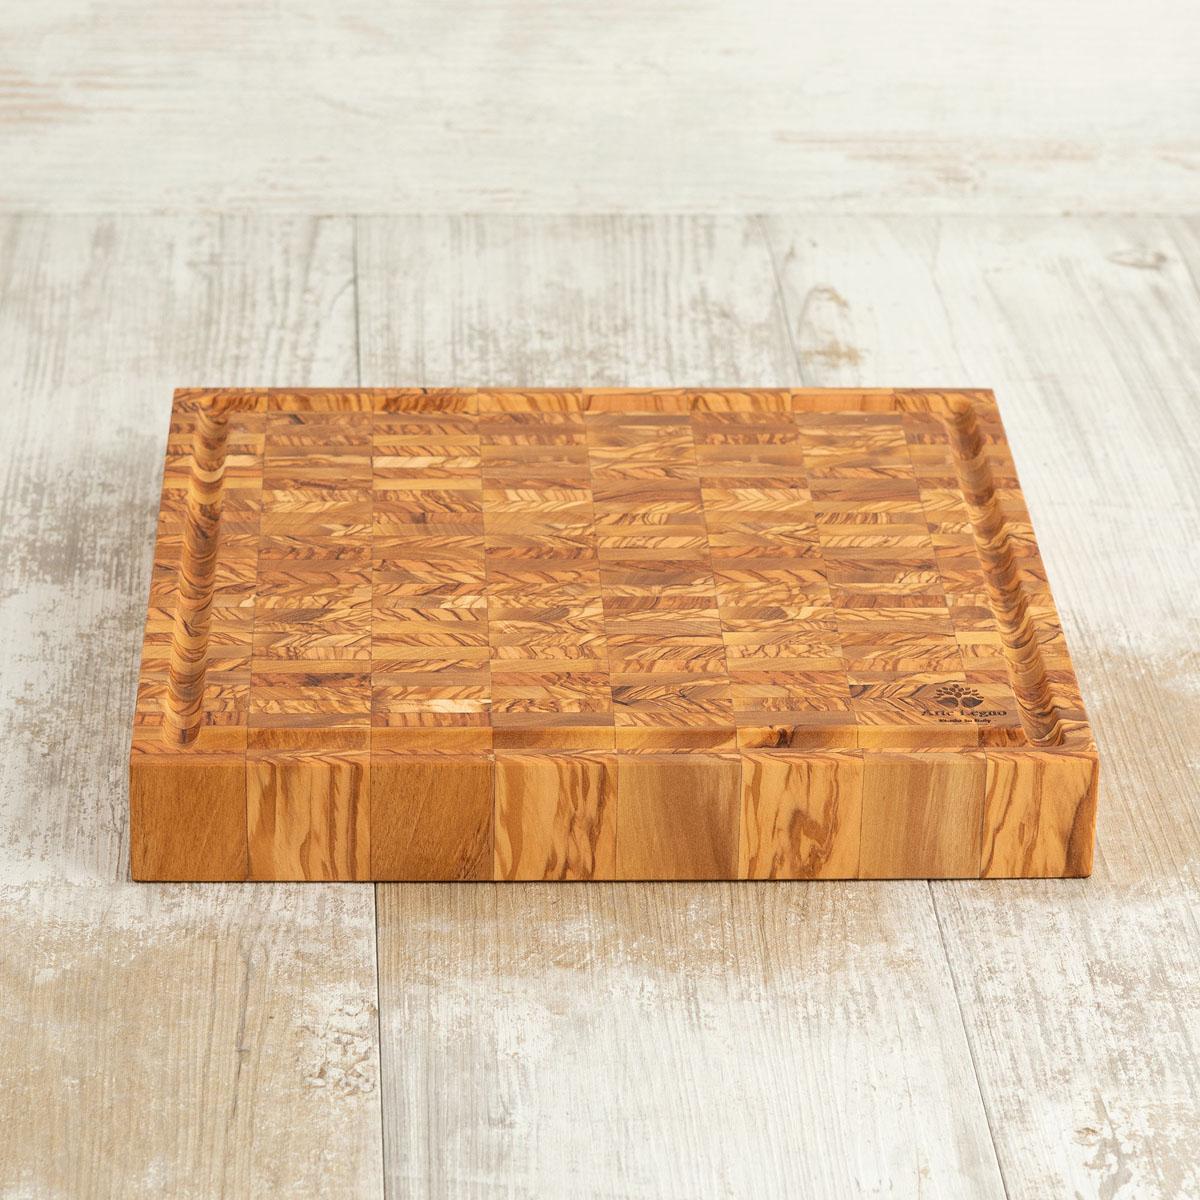 Tagliere listellare – Misure cm 32×30×4,2 in legno di ulivo - Arte Legno